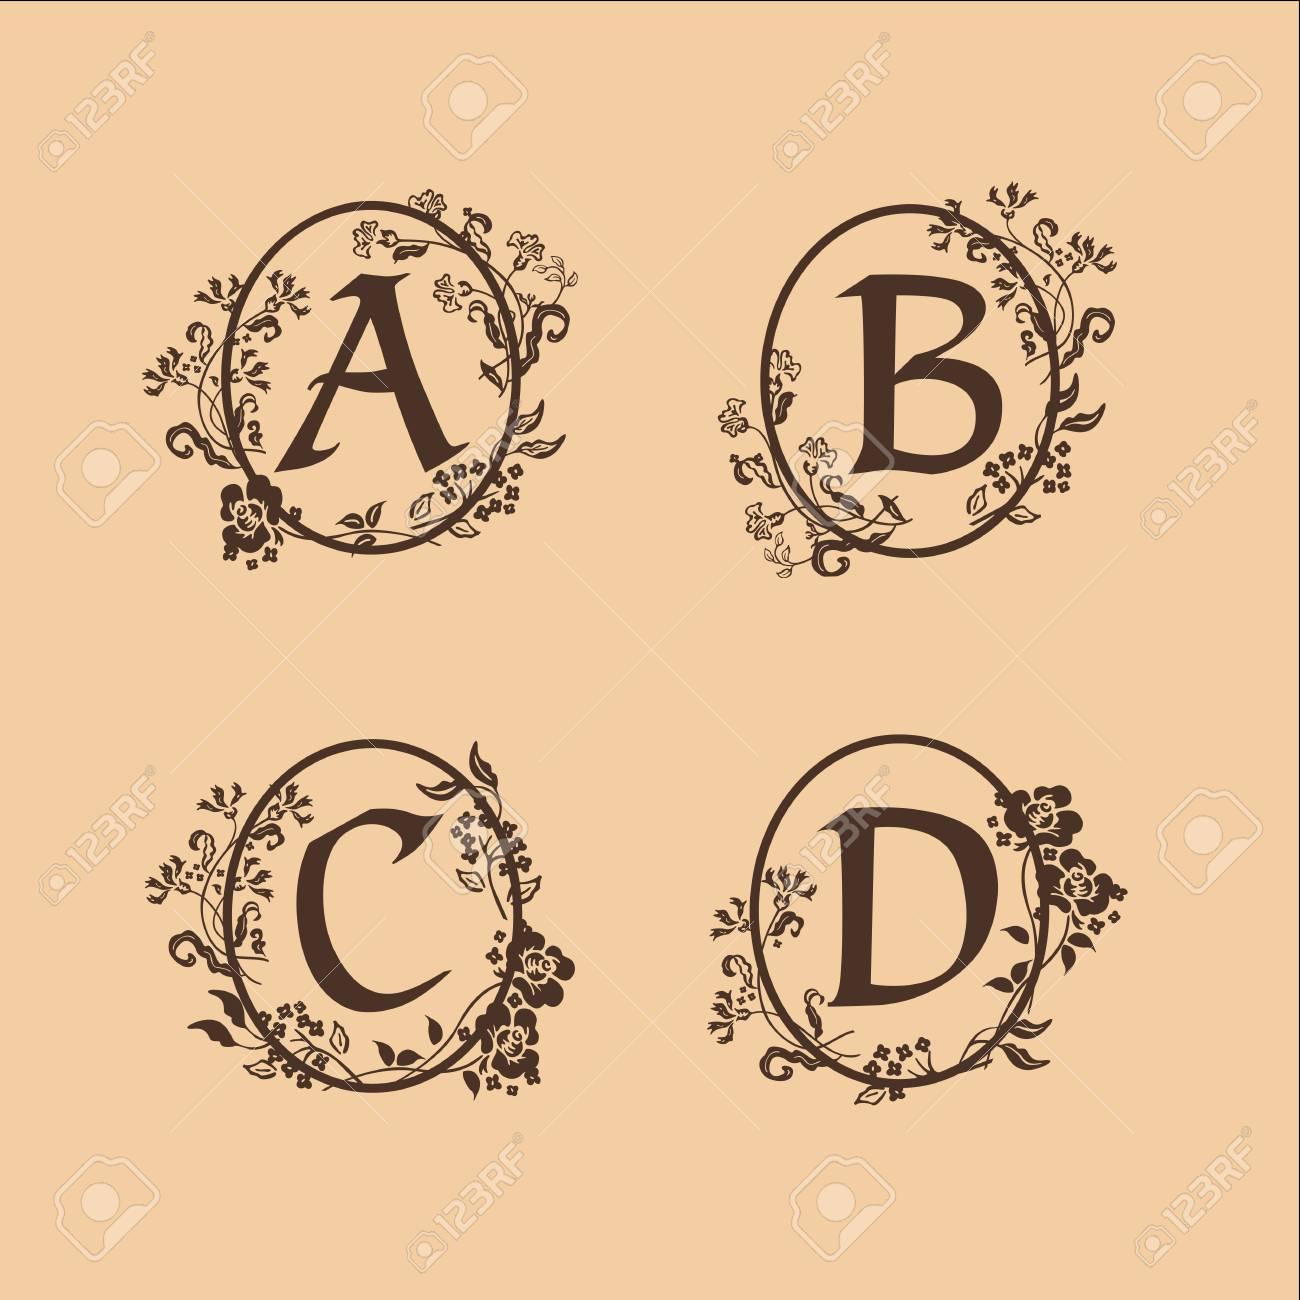 Decorative Letter A.Decoration Letter A B C D Logo Design Concept Template